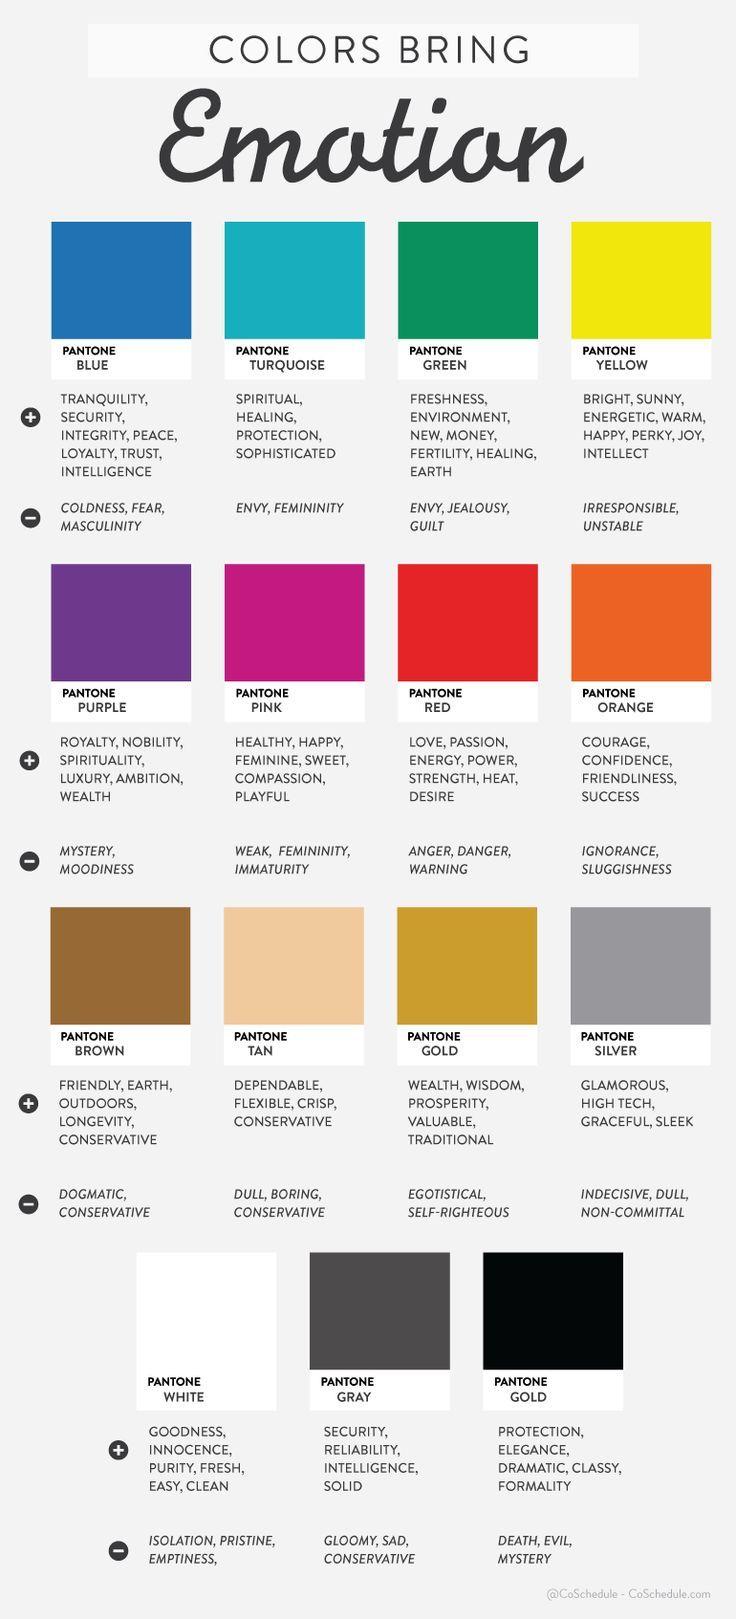 Para los que aún tienen dudas del significado de los colores en el diseño, esta infografía lo explica // The ultimate colour guide for content marketing